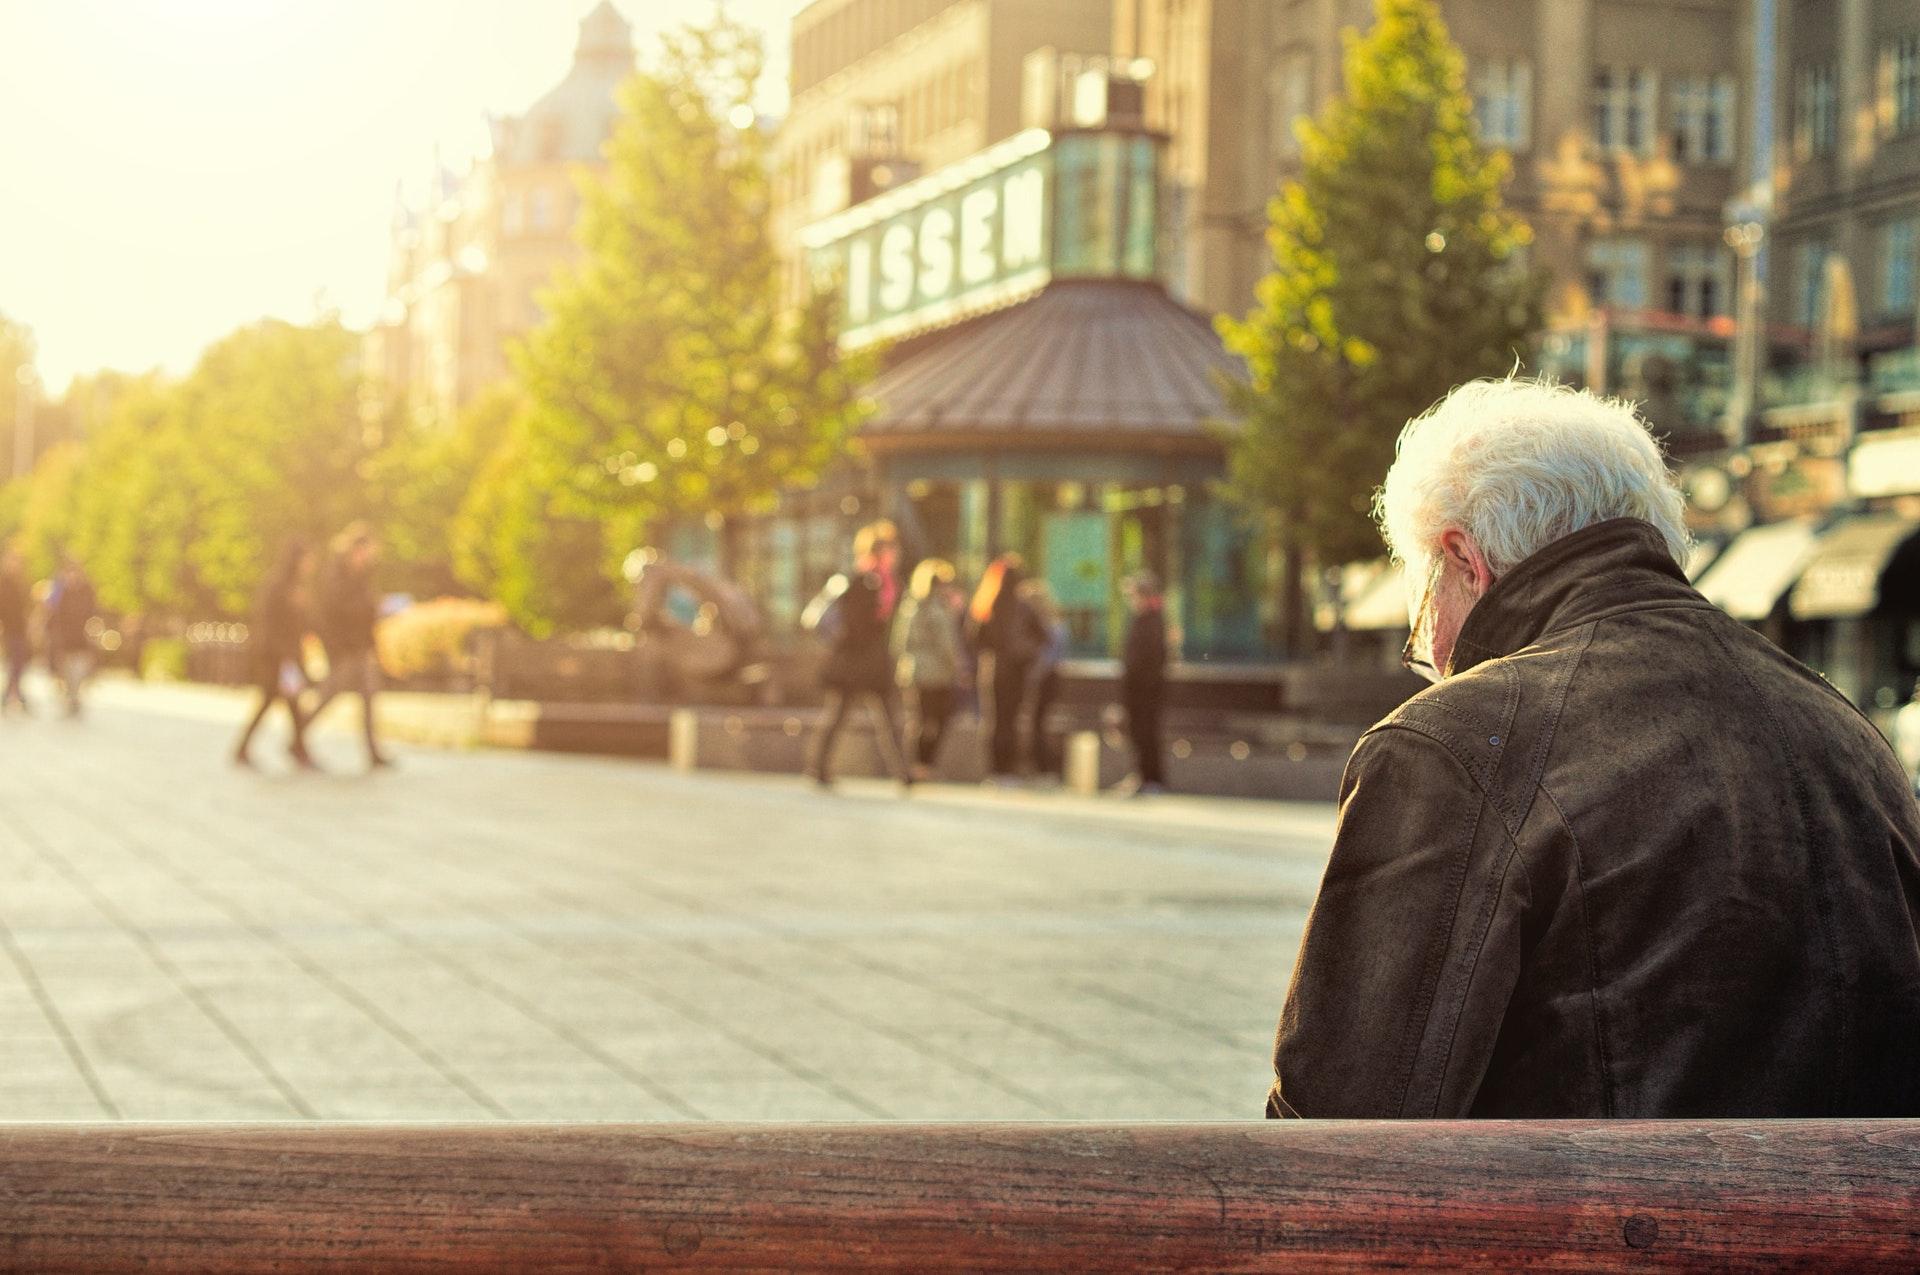 Señor sentado en un banco